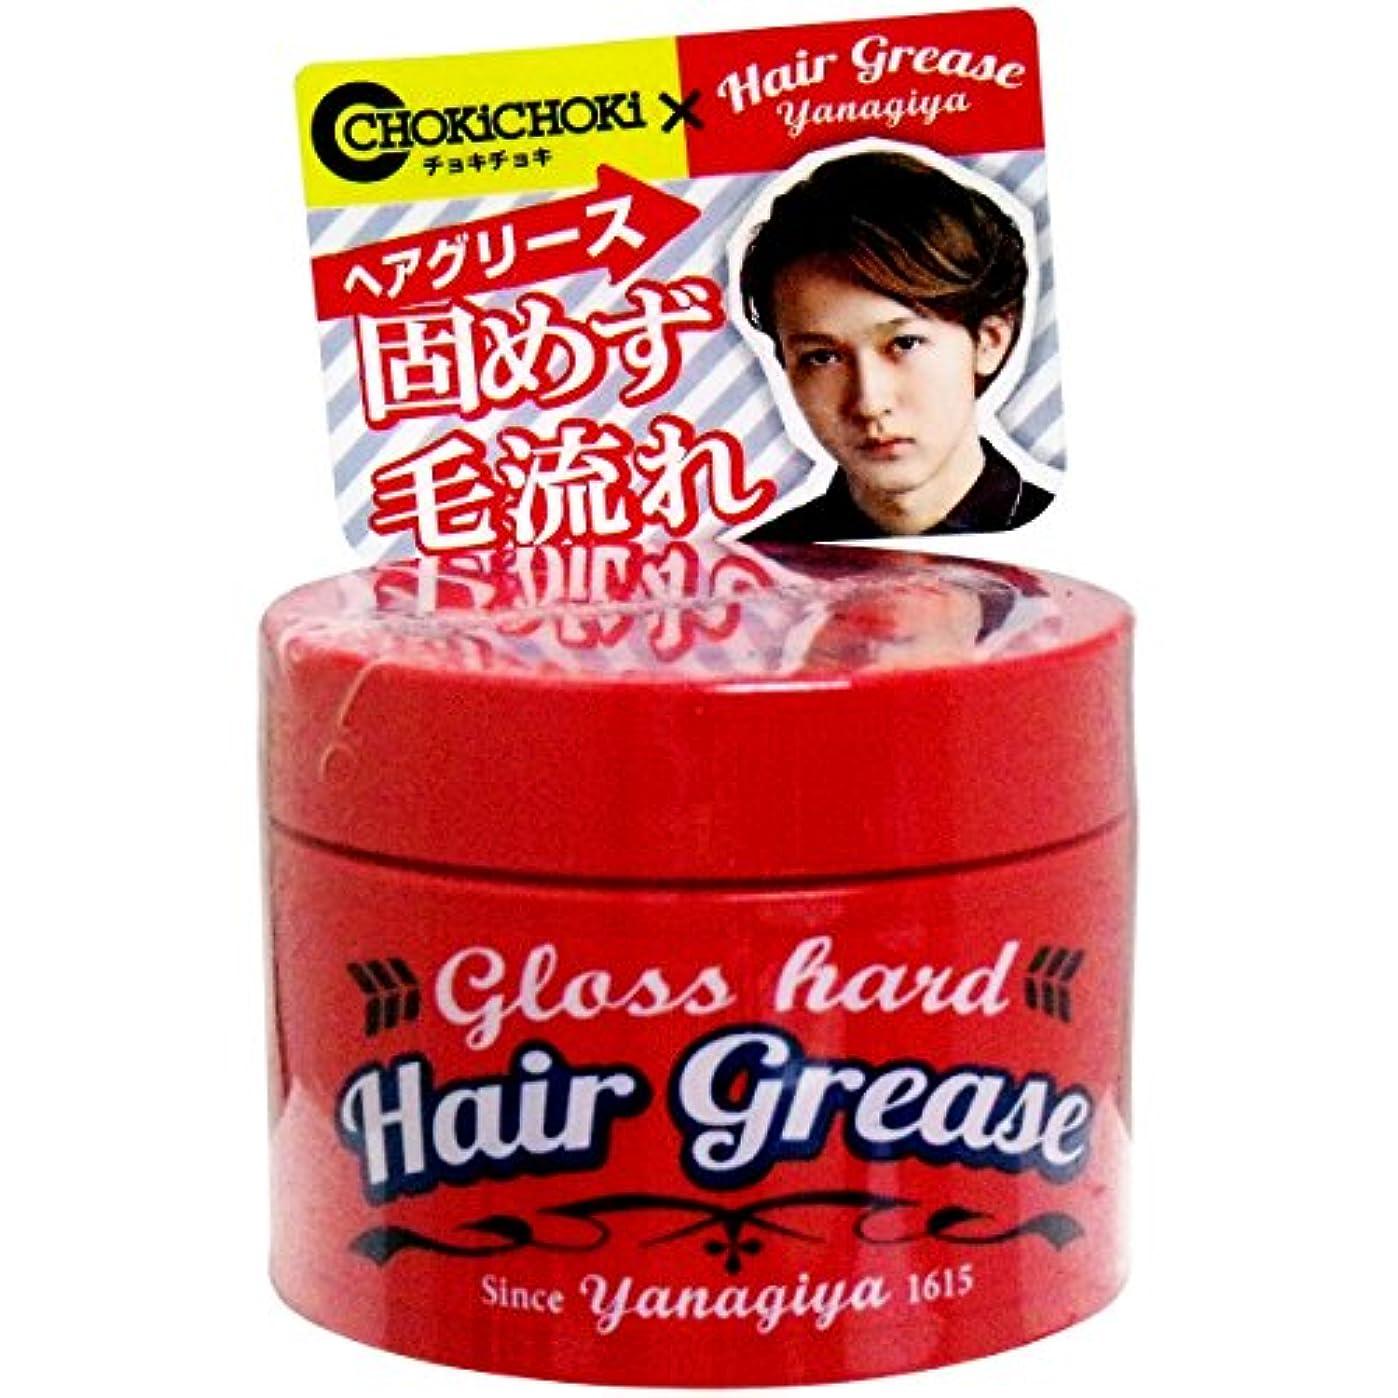 へこみしてはいけない世界的にヘアワックス 固めず毛流れ 使いやすい YANAGIYA ヘアグリース グロスハード 90g入【2個セット】